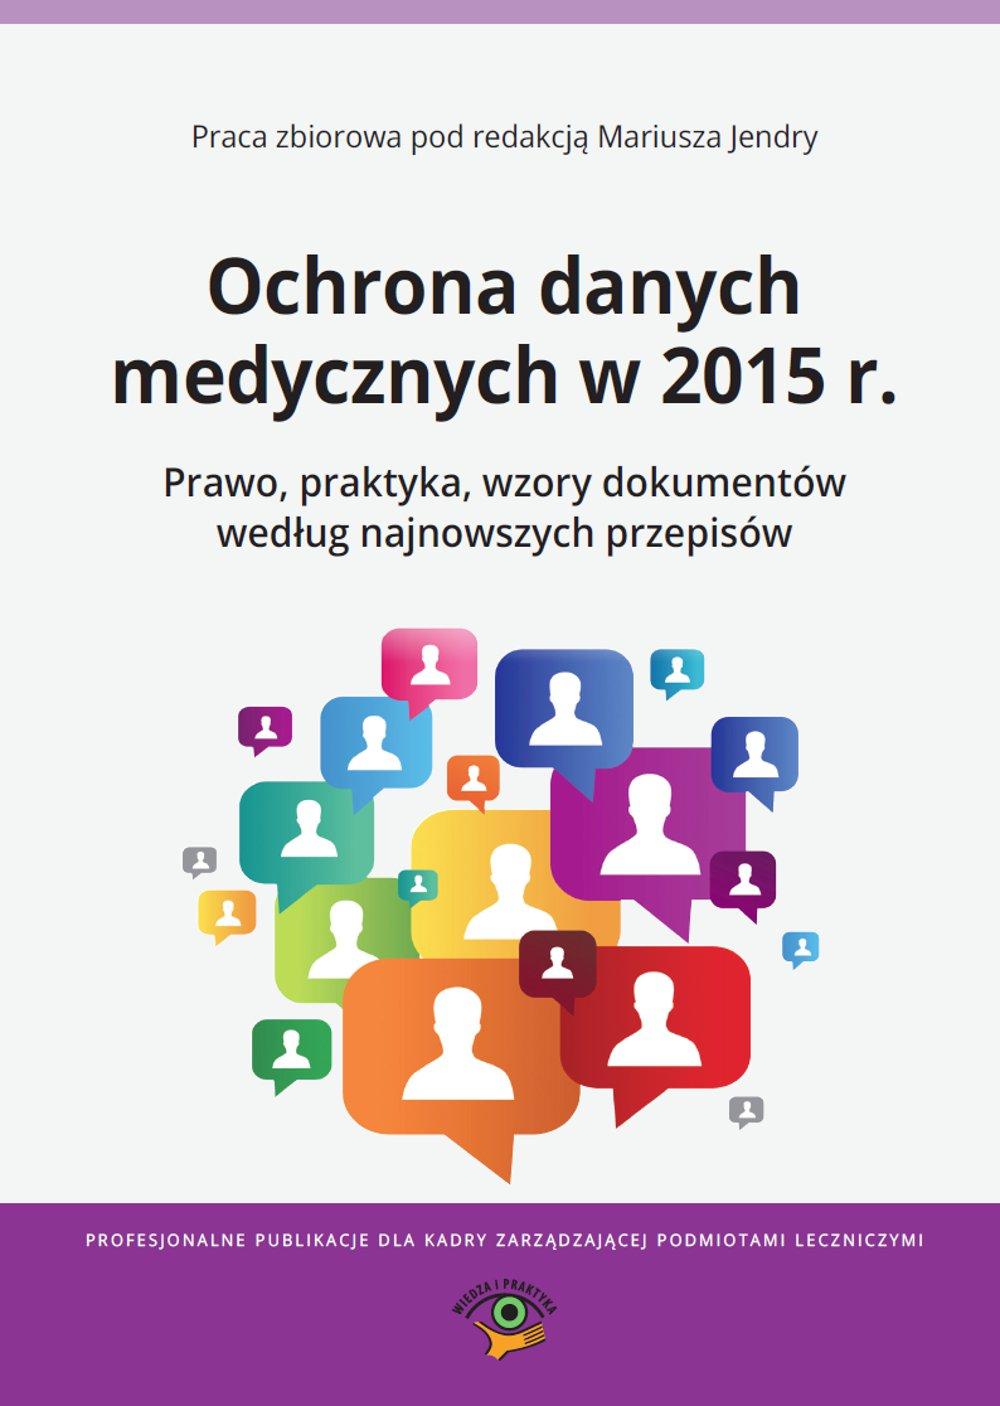 Ochrona danych medycznych w 2015 r. Prawo, praktyka, wzory dokumentów według najnowszych przepisów - Ebook (Książka na Kindle) do pobrania w formacie MOBI